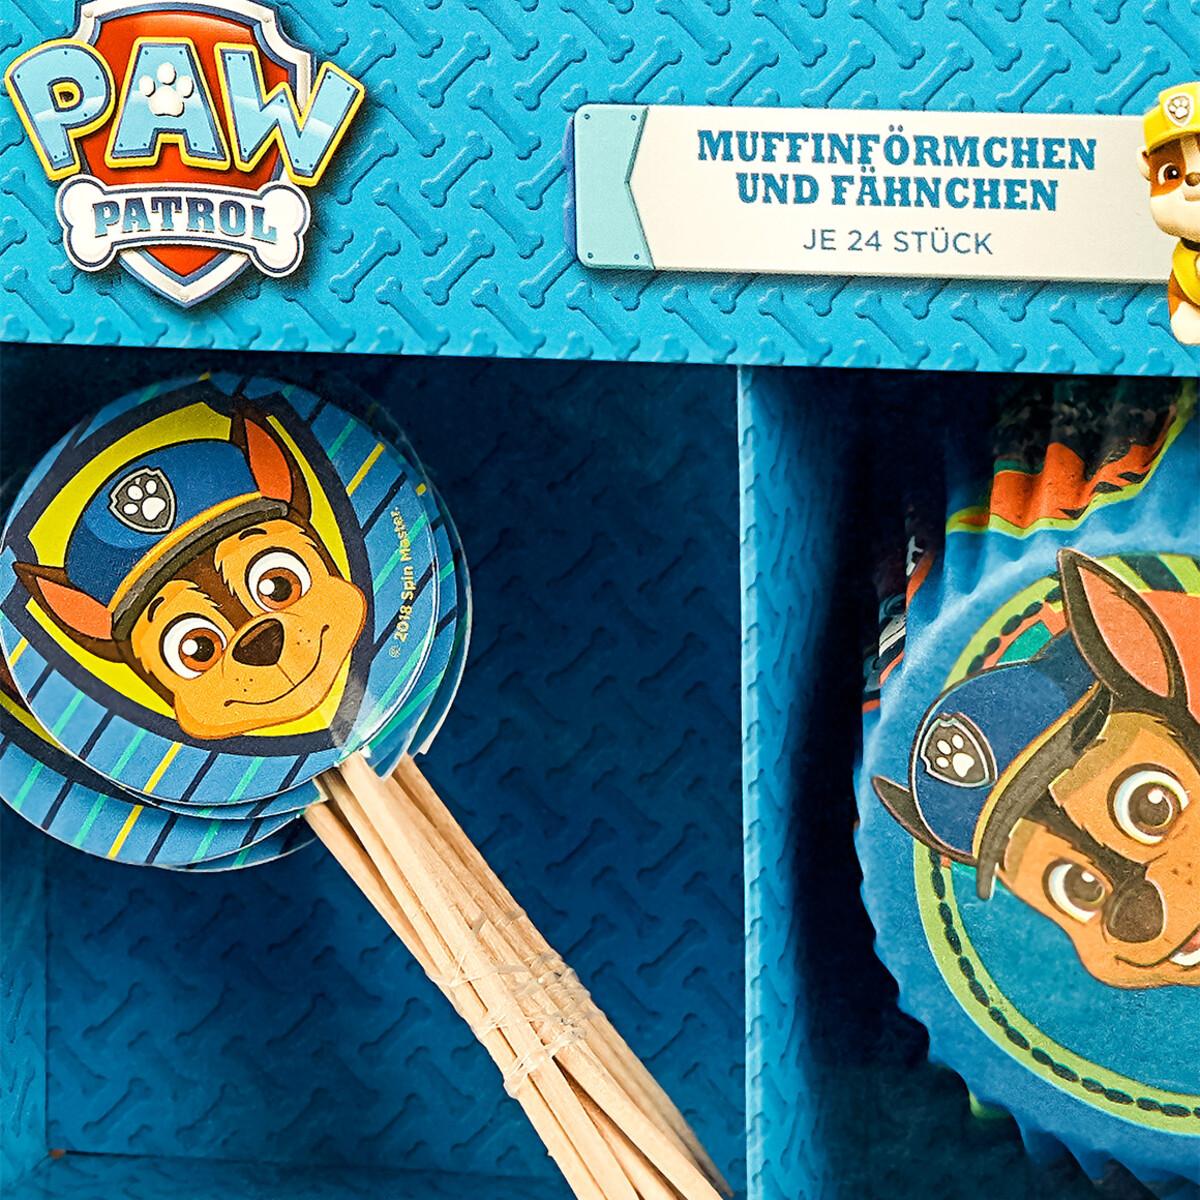 Bild 4 von PAW Patrol Muffin-Förmchen und Fahnen im Set